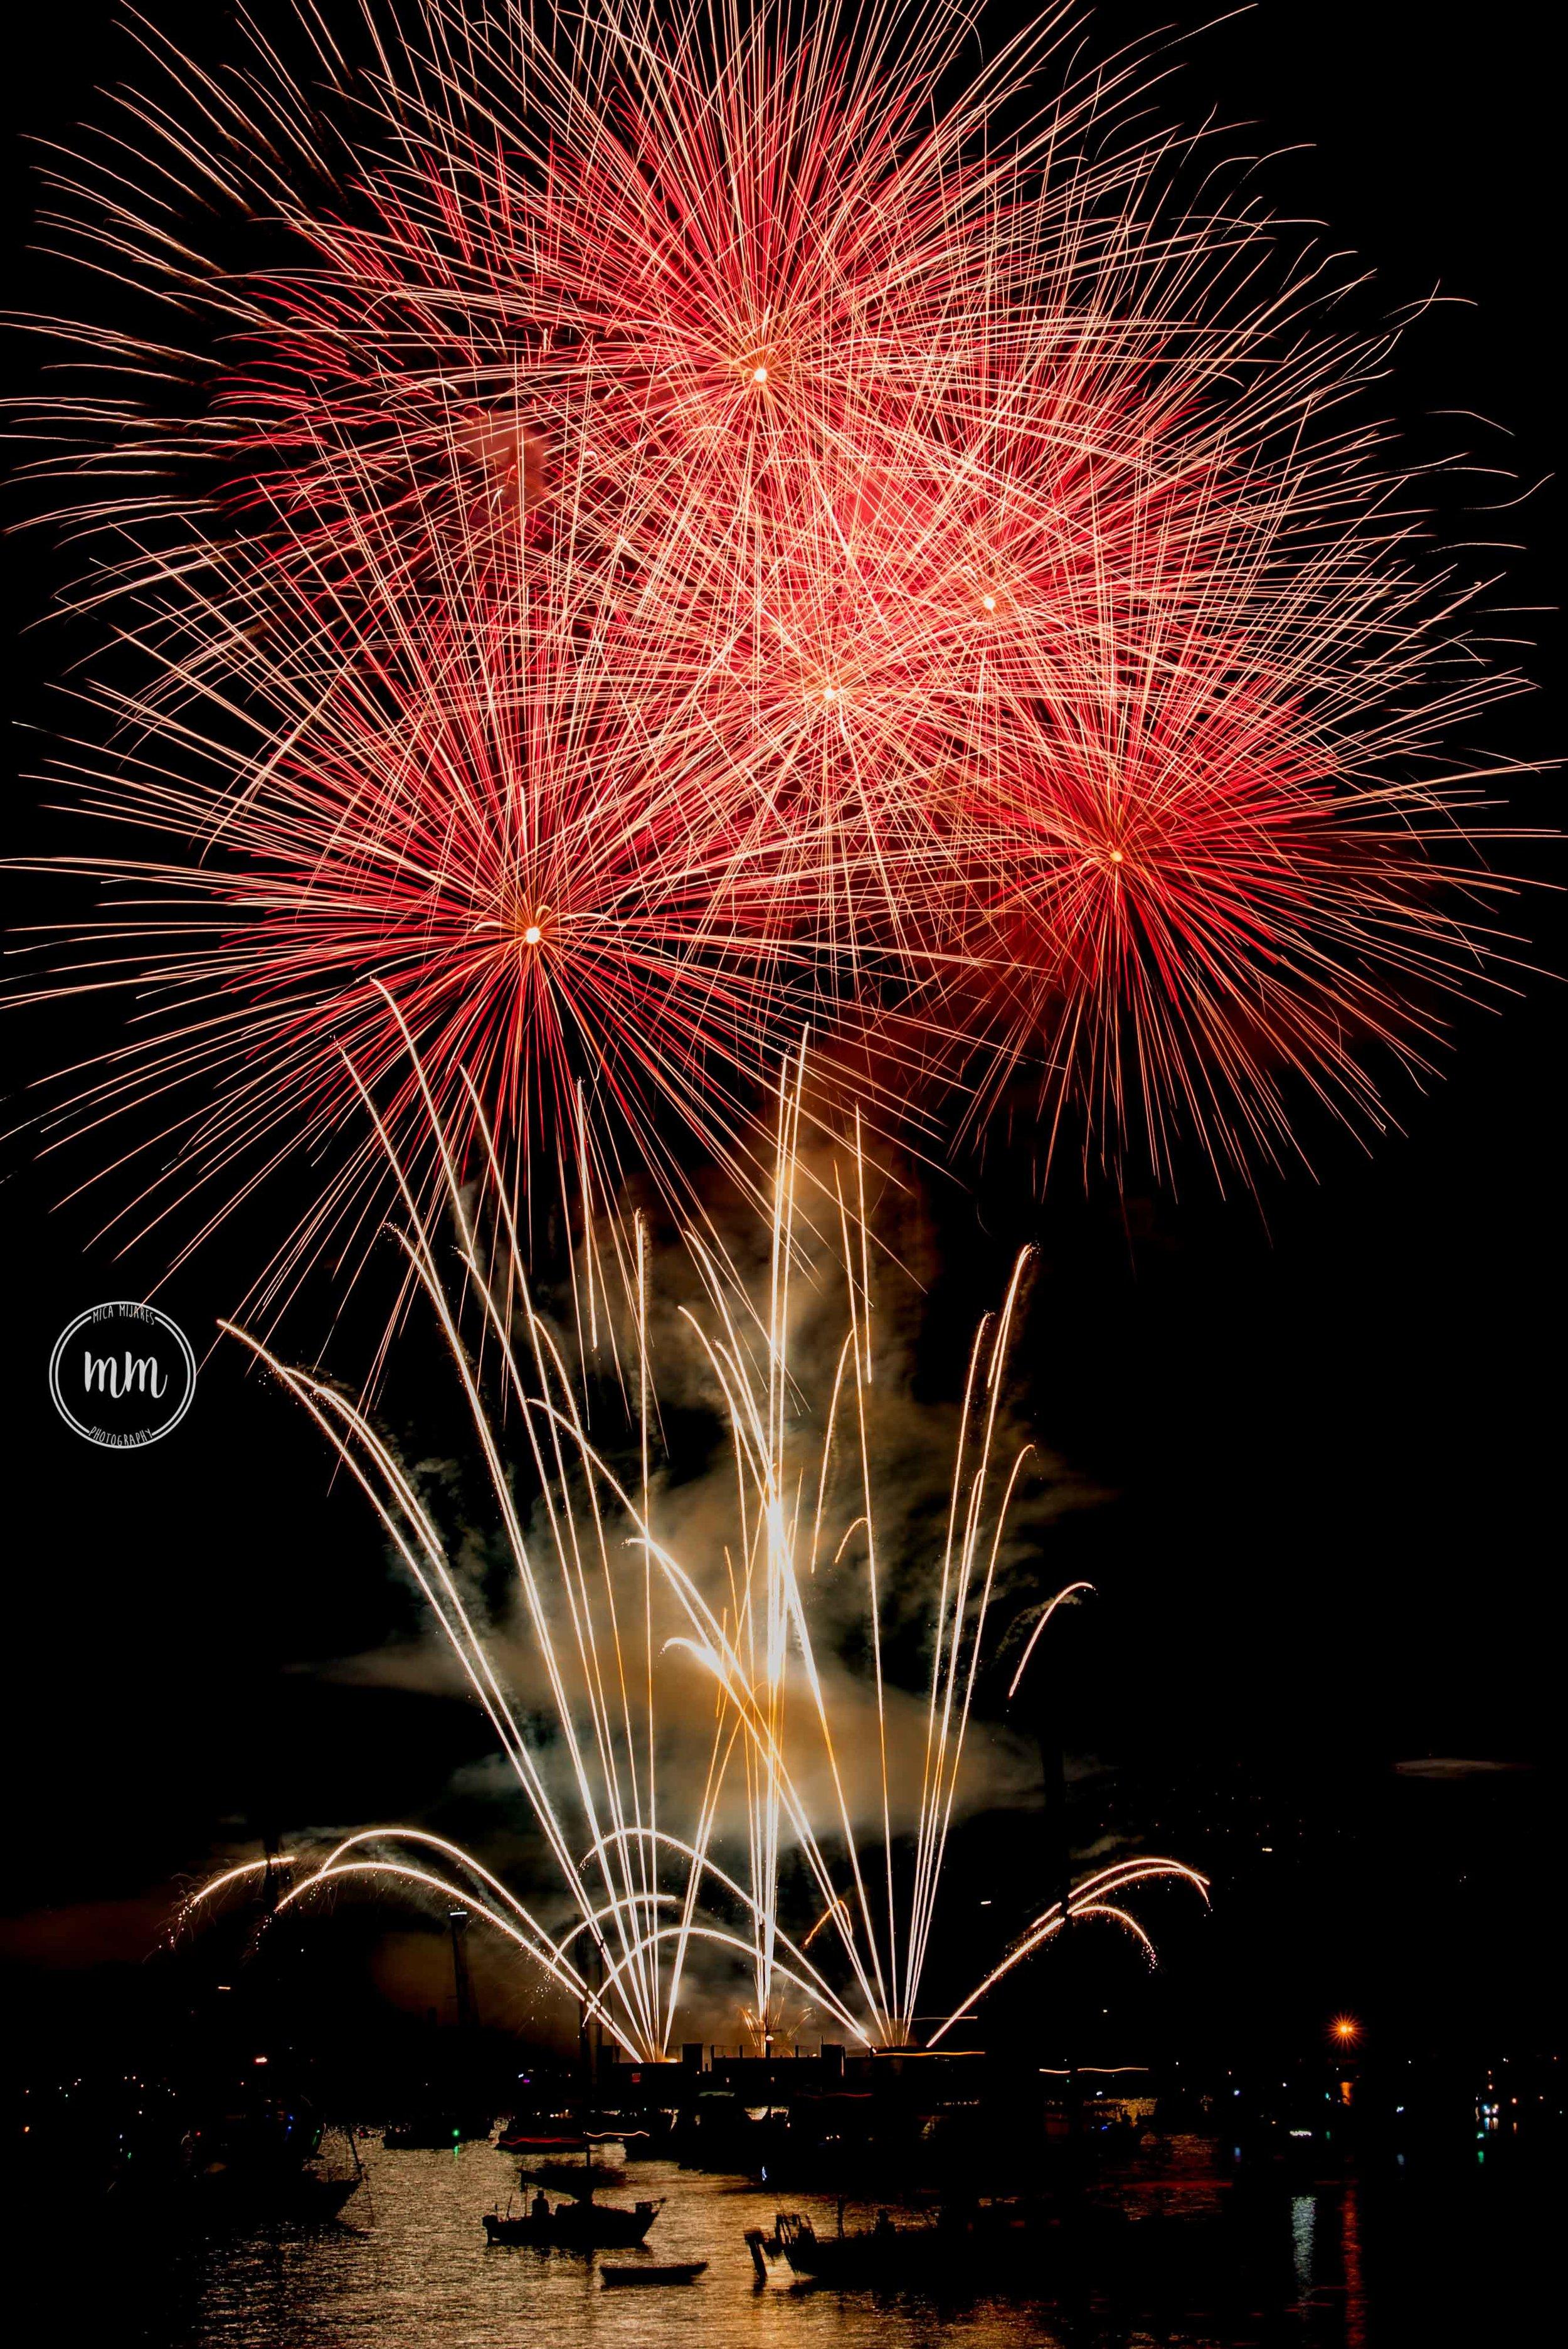 ukfireworks-MicaMijaresPhotography-10.jpg